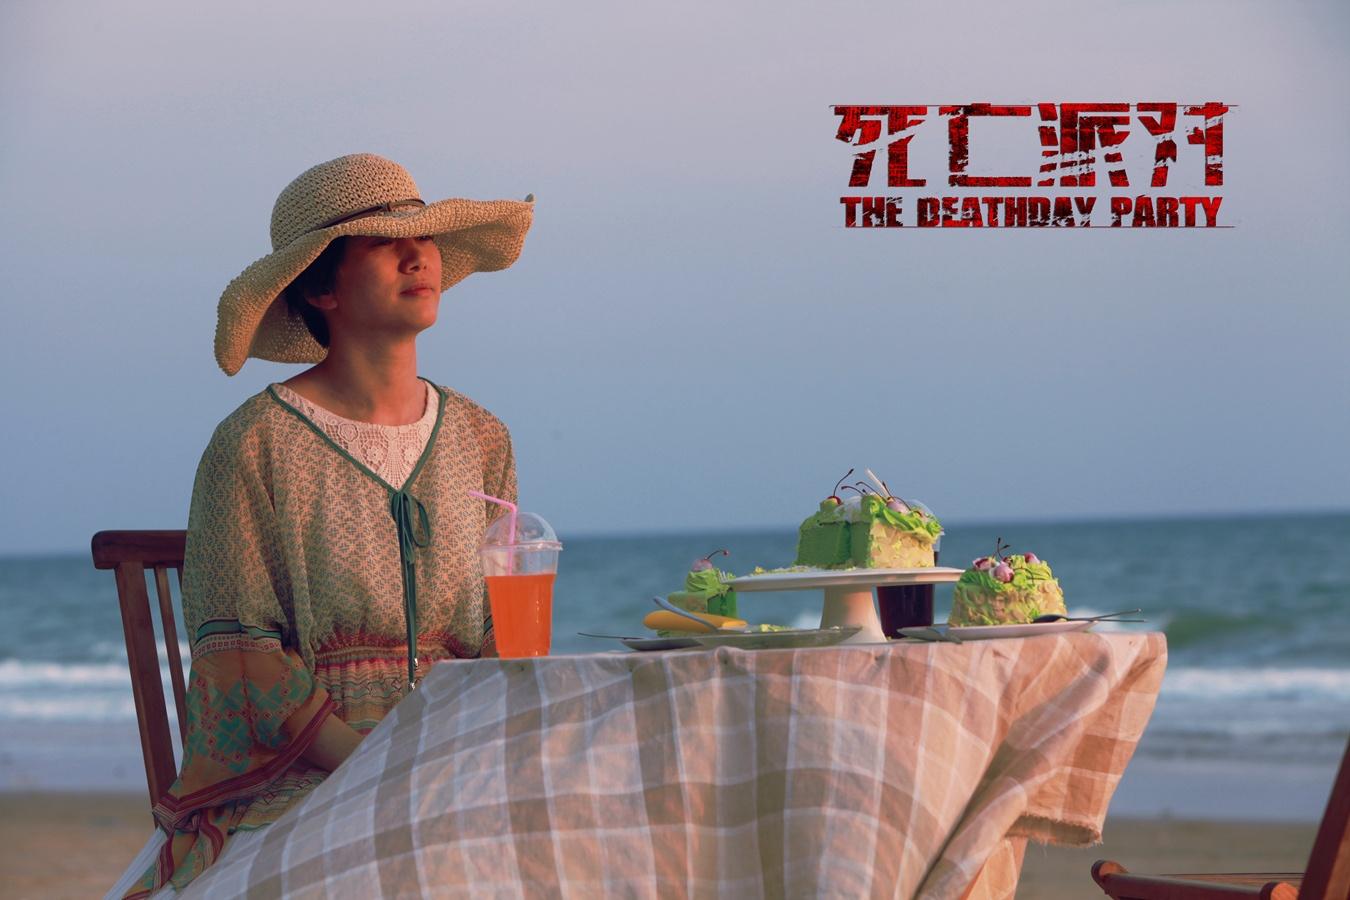 死亡派对_电影剧照_图集_电影网_1905.com